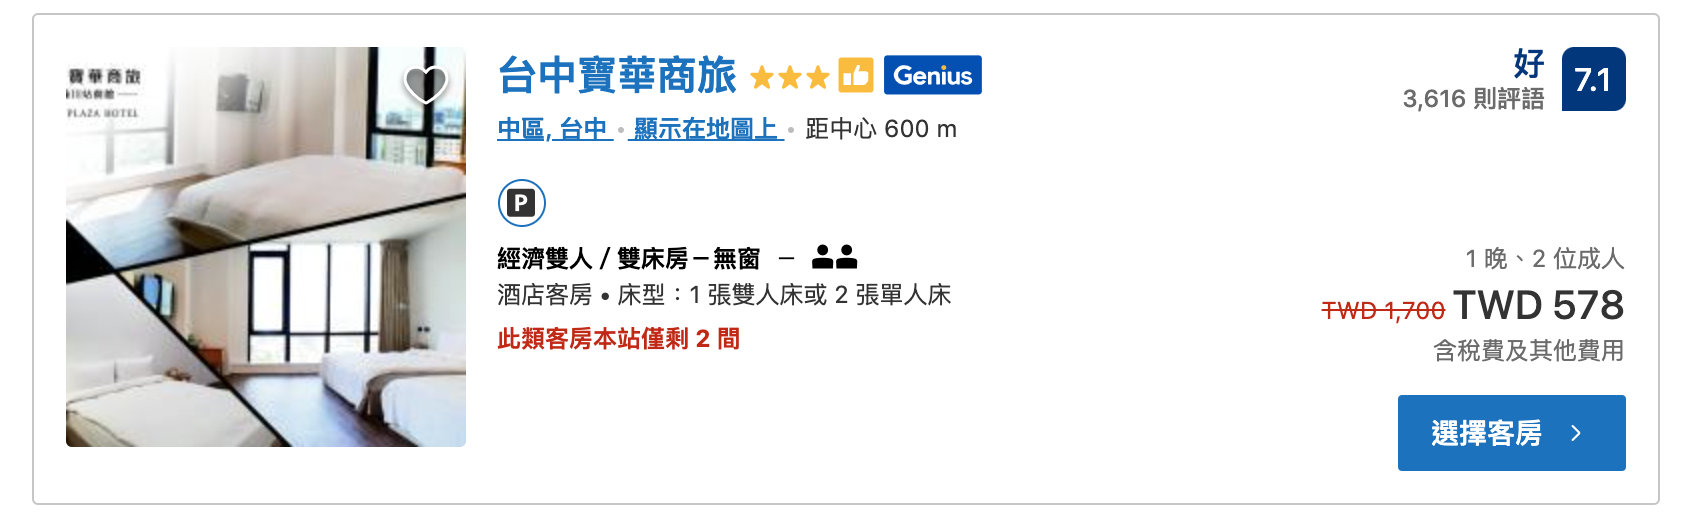 2020.10|台中2K以下住宿優惠彙整,文旅系列整理~